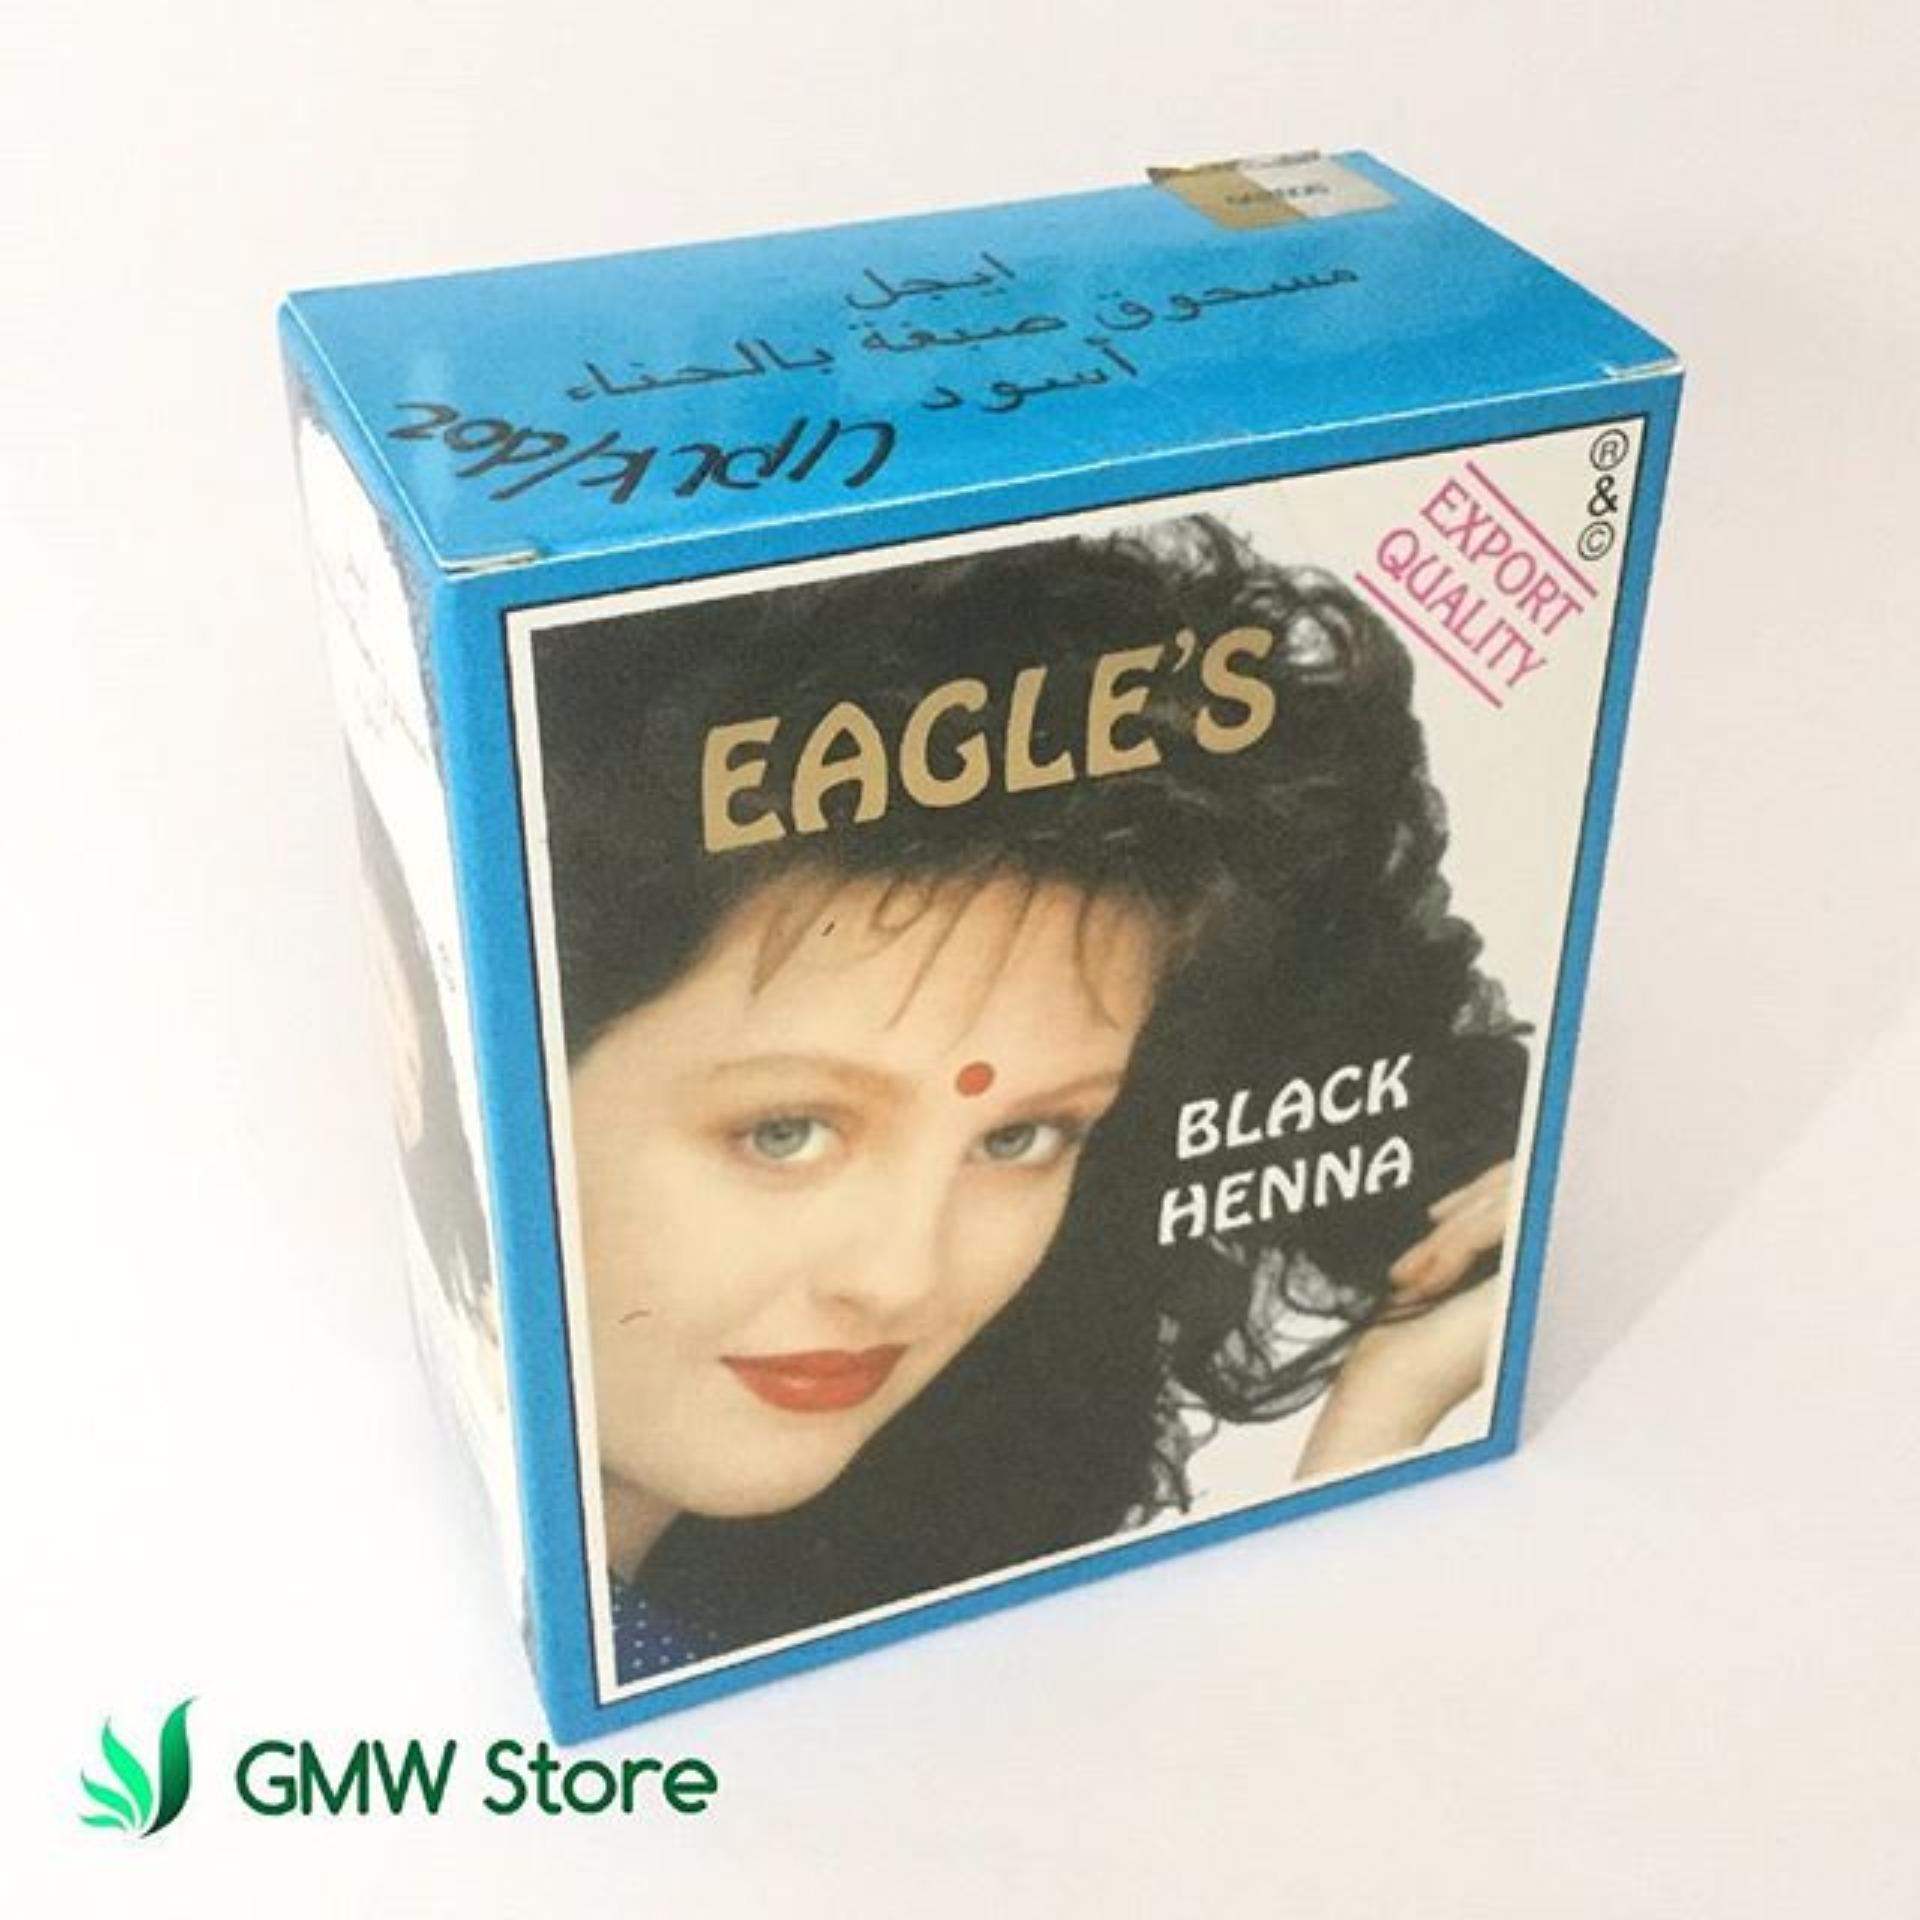 Nabawi Semir Rambut Hashmi Henna Chesnut Daftar Harga Terlengkap Flash Sale Herbal Eagles Black Hair Dye Hitam Sachet N513